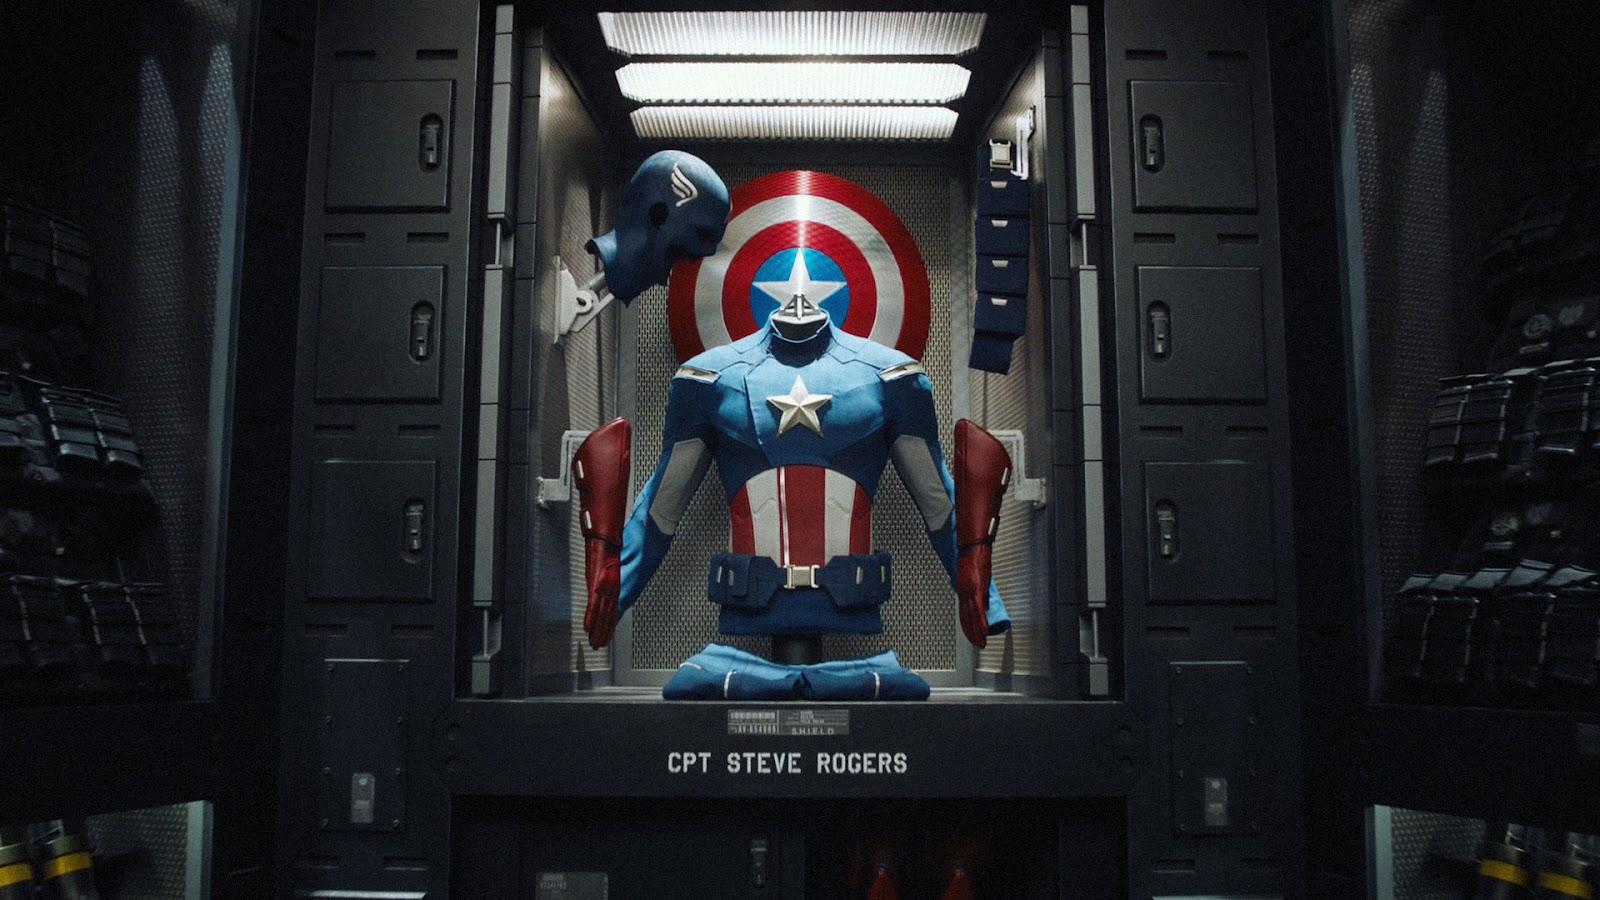 http://3.bp.blogspot.com/-fTlz6PFy5Io/T7WdS9u_4KI/AAAAAAAAEjM/tnmfYAvE1V4/s1600/The+Avengers+2012+HD+Wallpapers+1920x1080.jpg